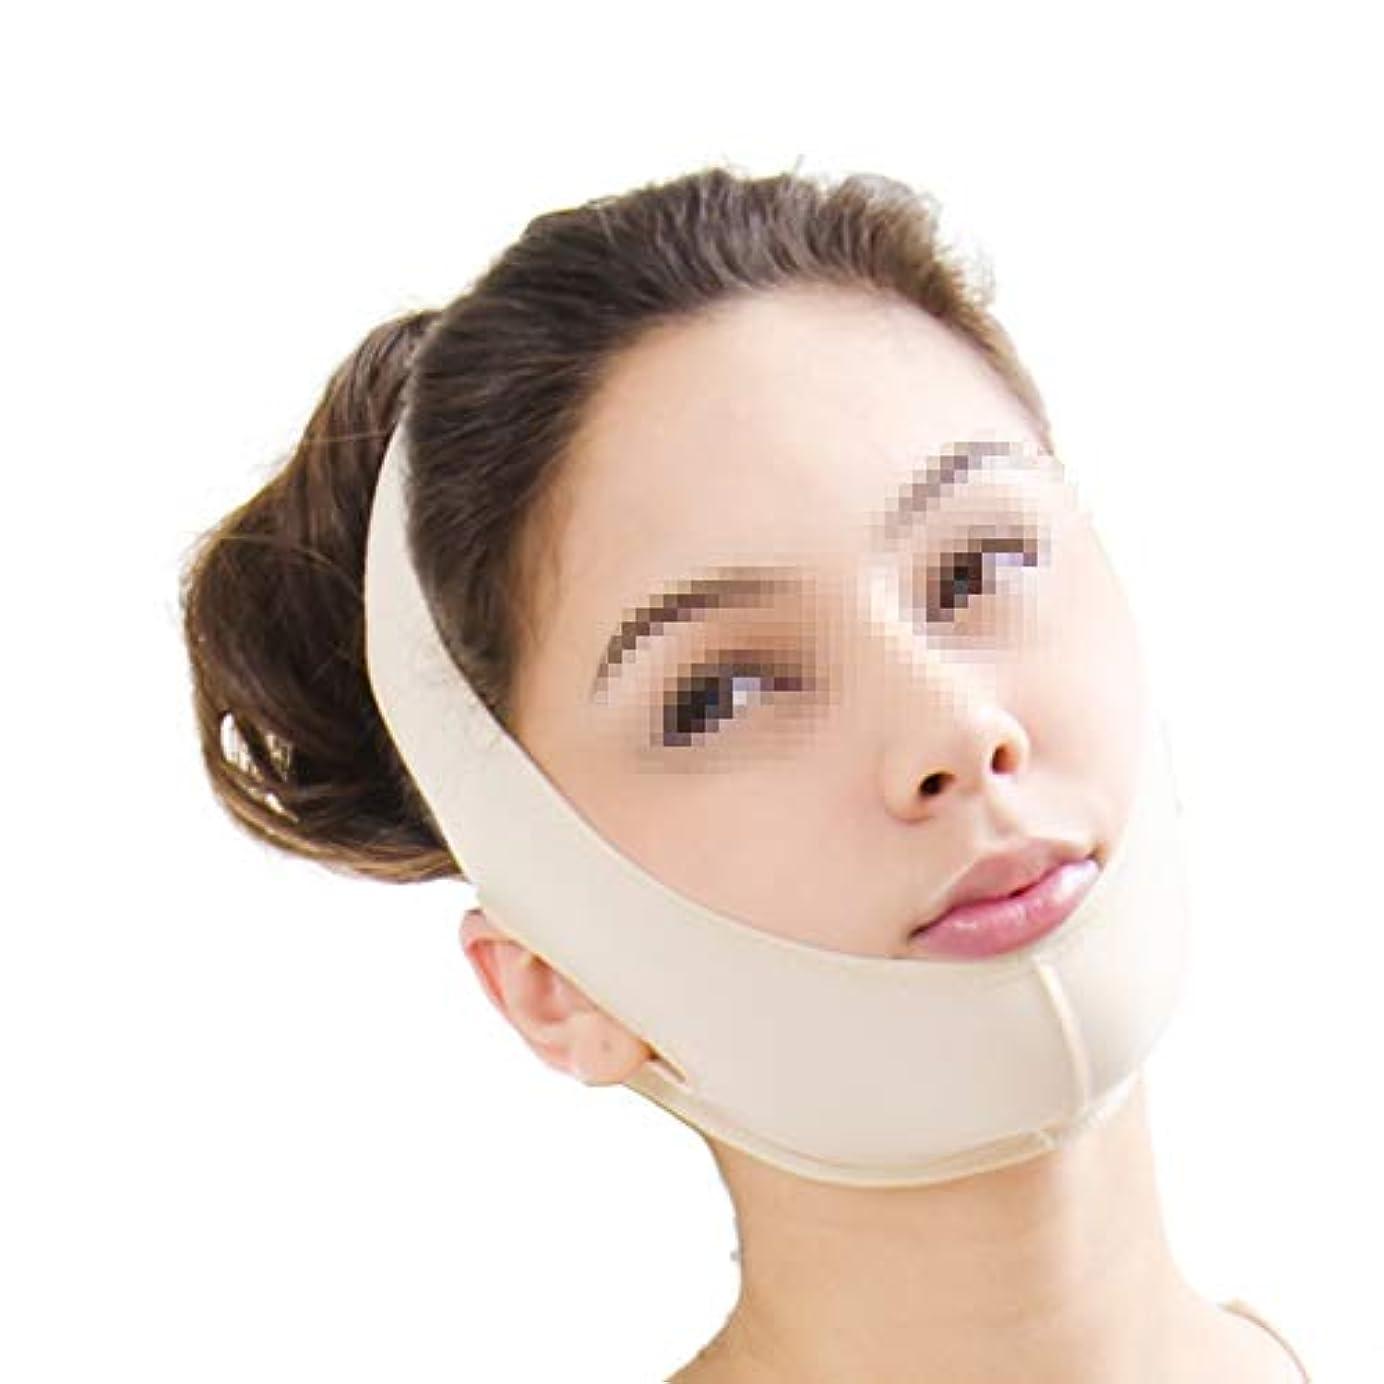 スナック局首相フェイスリフトマスク、圧縮後の顎顔面二重あご化粧品脂肪吸引小さな顔包帯弾性ヘッドギア (Size : XXL)